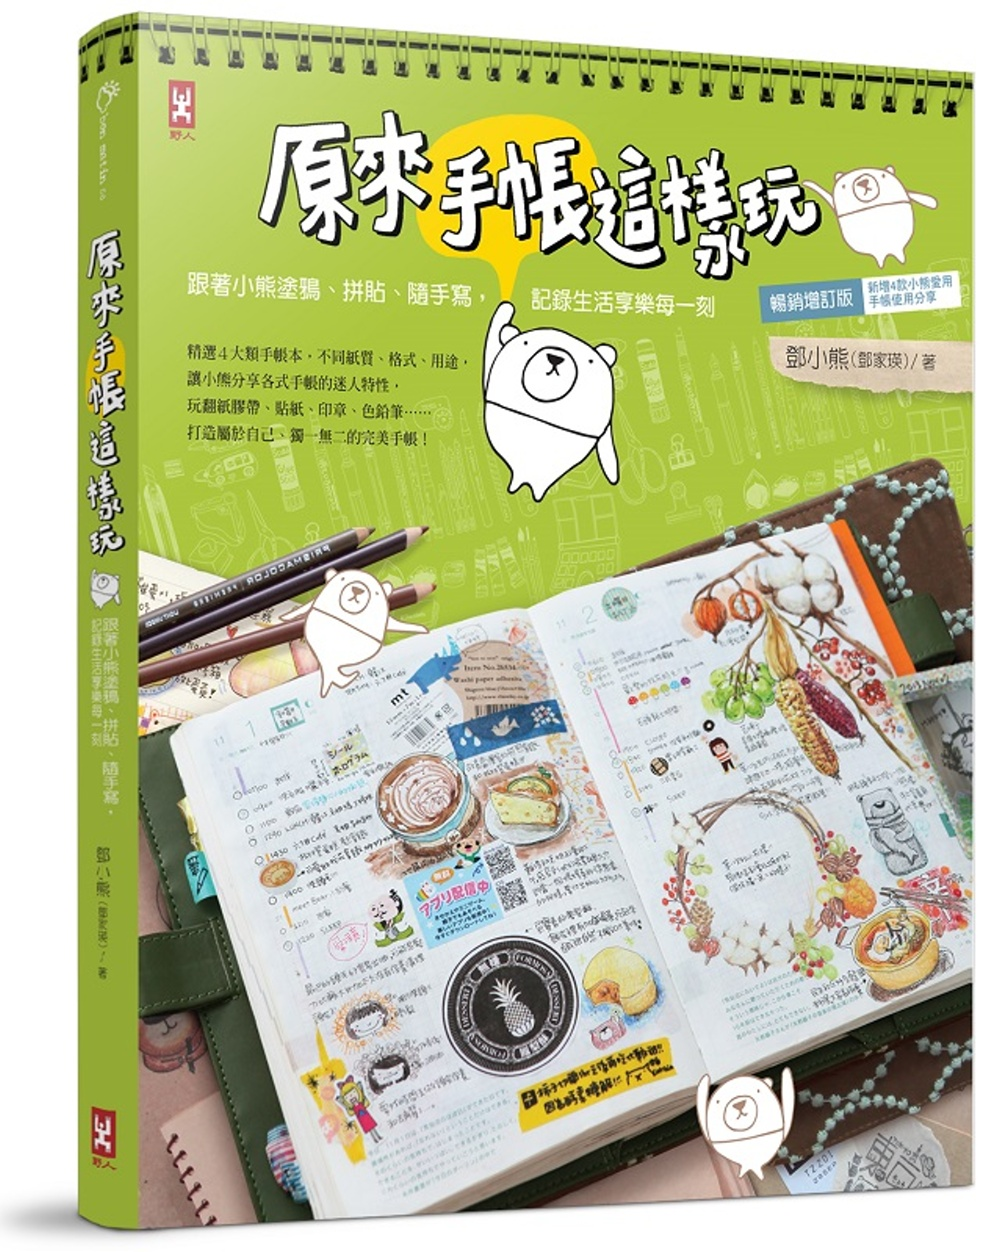 原來手帳這樣玩:跟著小熊塗鴉、拼貼、隨手寫,記錄生活享樂每一刻【暢銷增訂版】